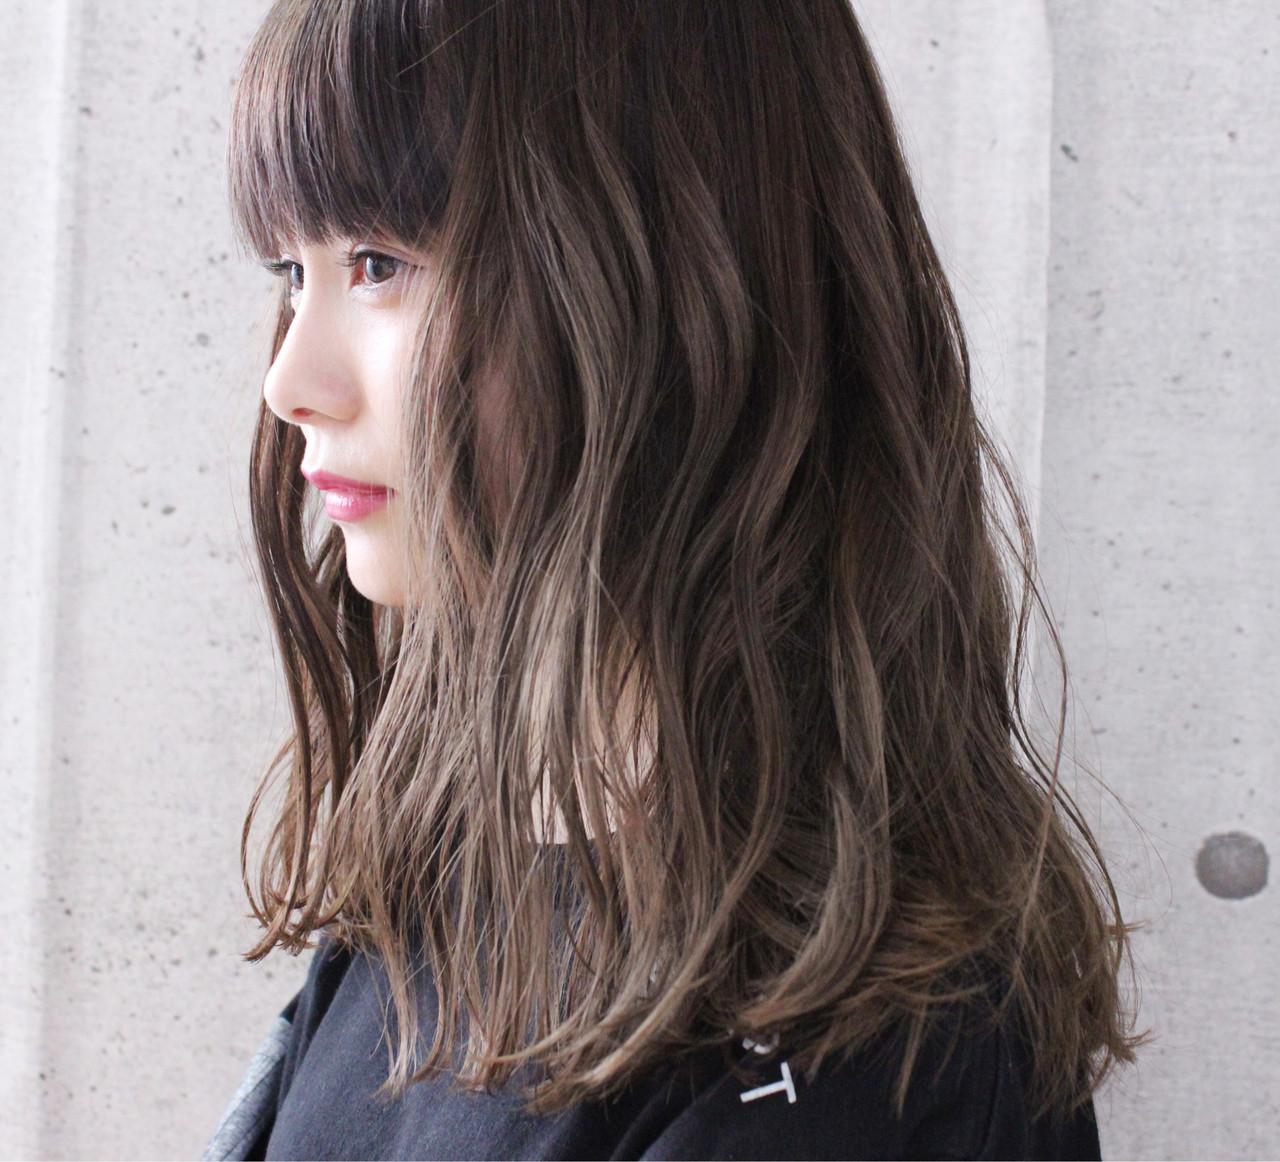 大人かわいい 外国人風 ナチュラル ヘアアレンジ ヘアスタイルや髪型の写真・画像 | 上田智久 / ooit 福岡 天神 / ooit